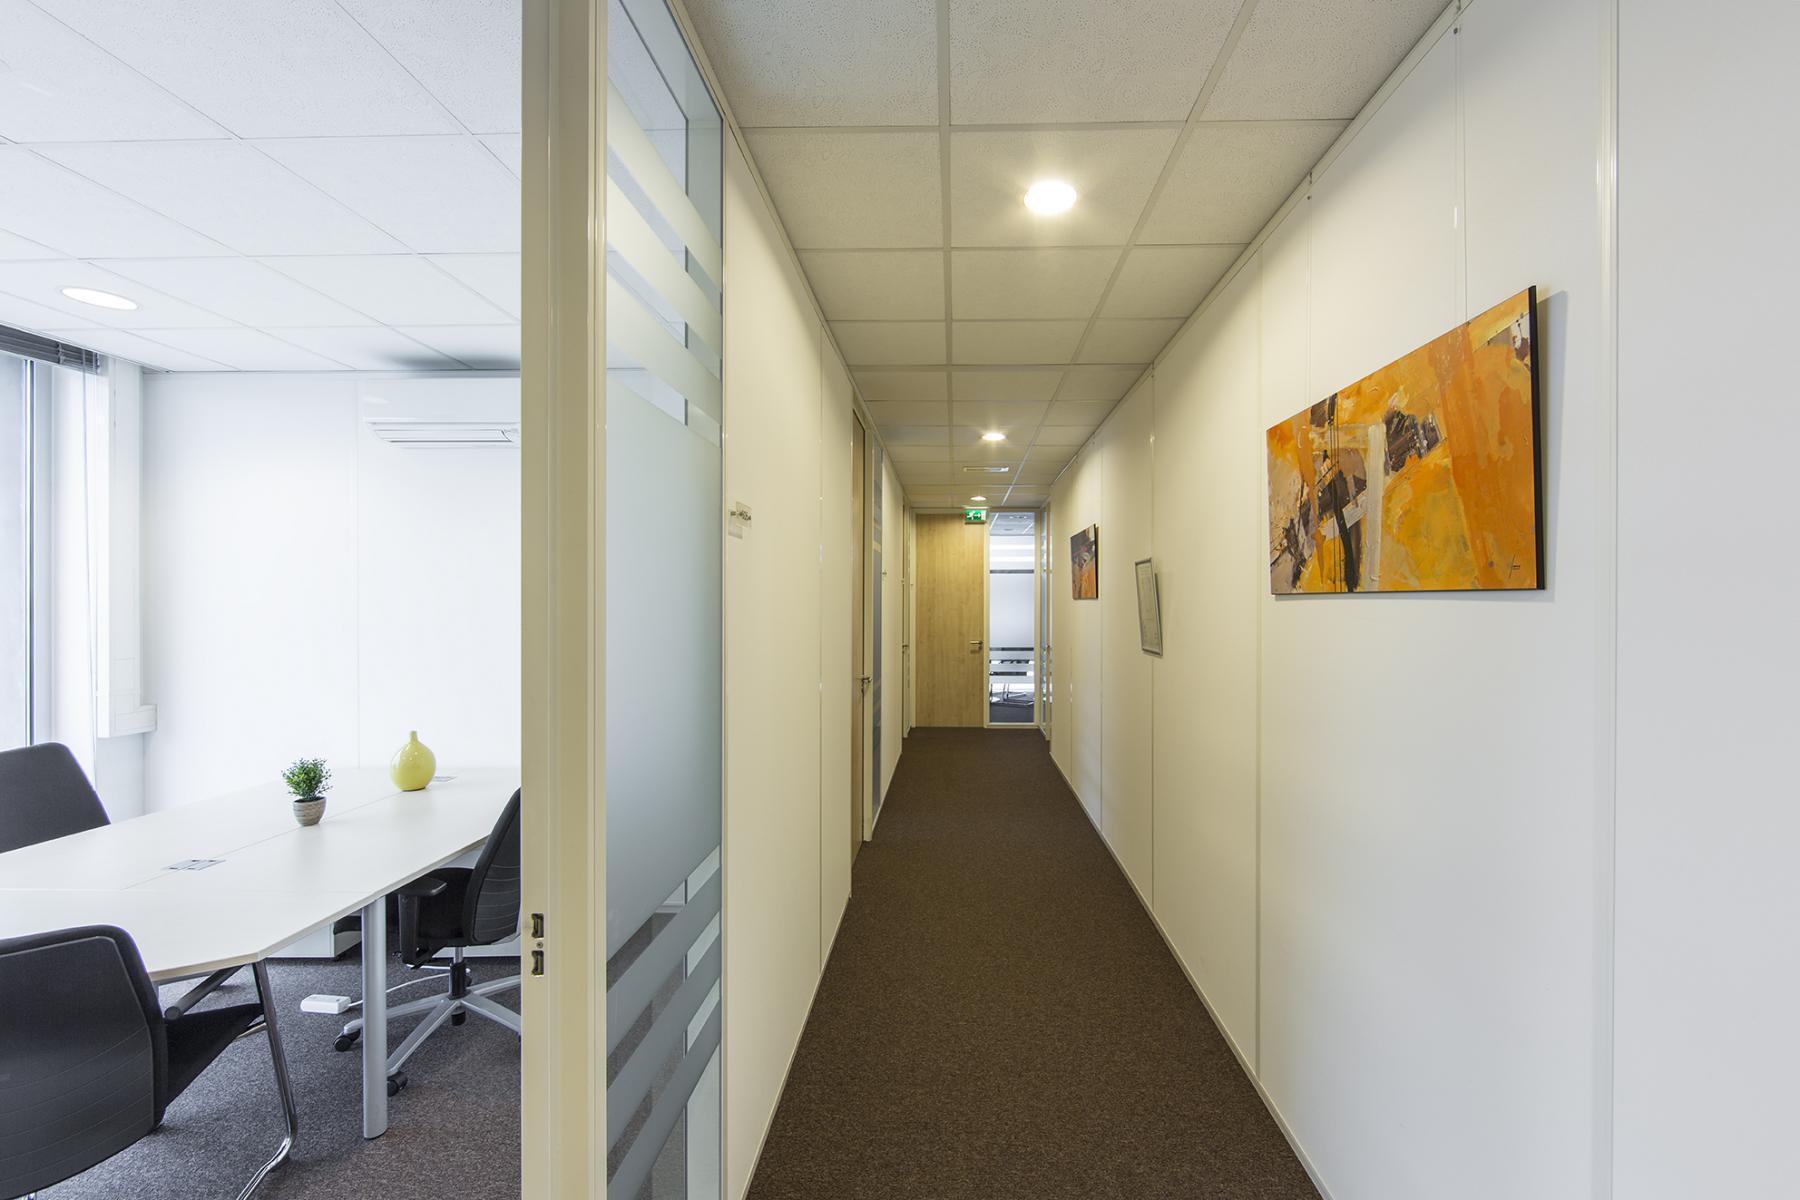 kantoorruimte huren almere centrumlocatie busplein gang gemeubileerde kantoorkamer schilderij